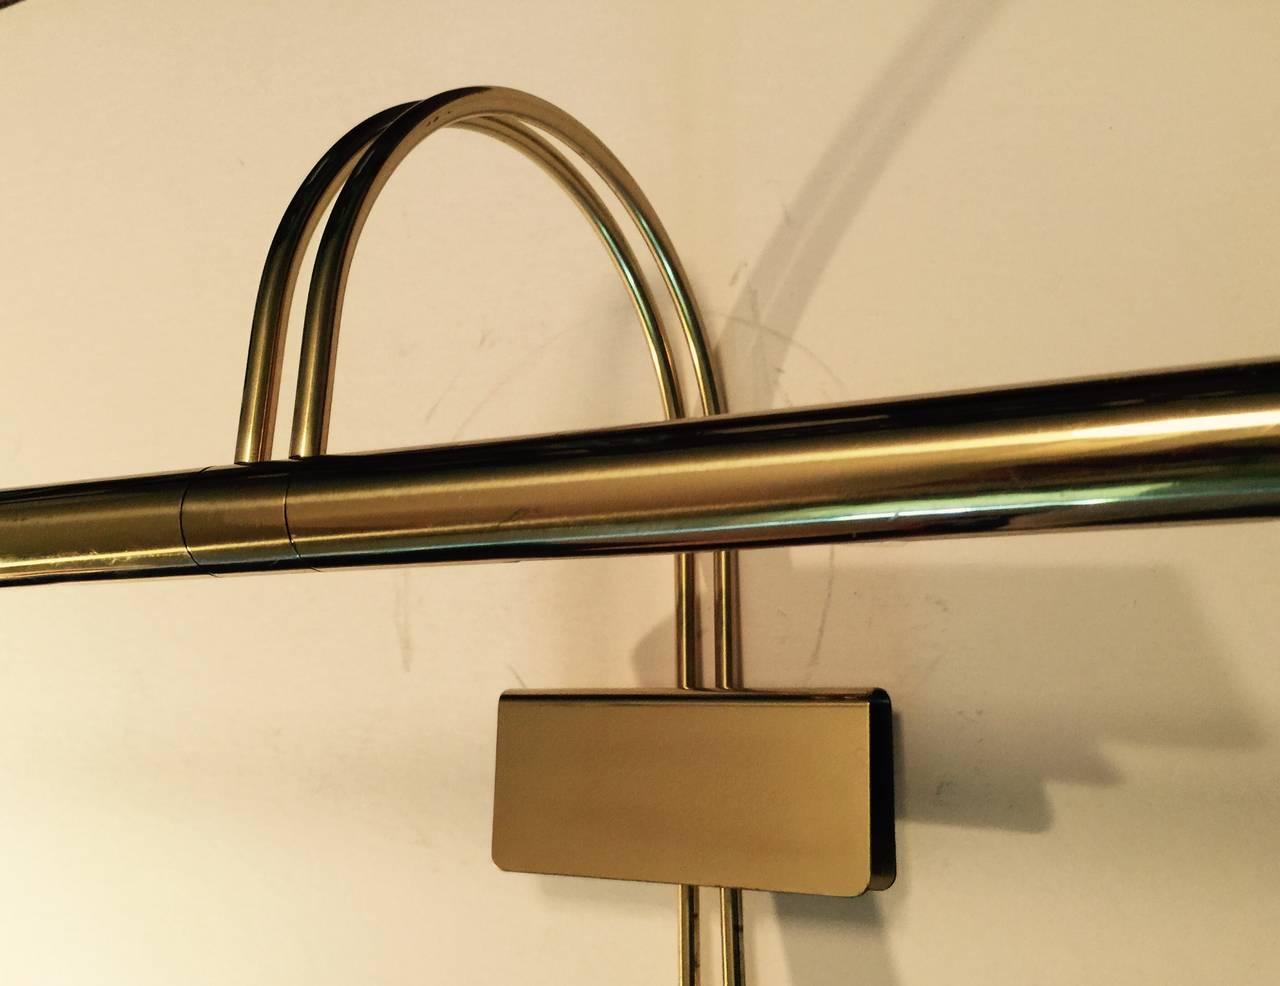 home furniture lighting more lighting. Black Bedroom Furniture Sets. Home Design Ideas